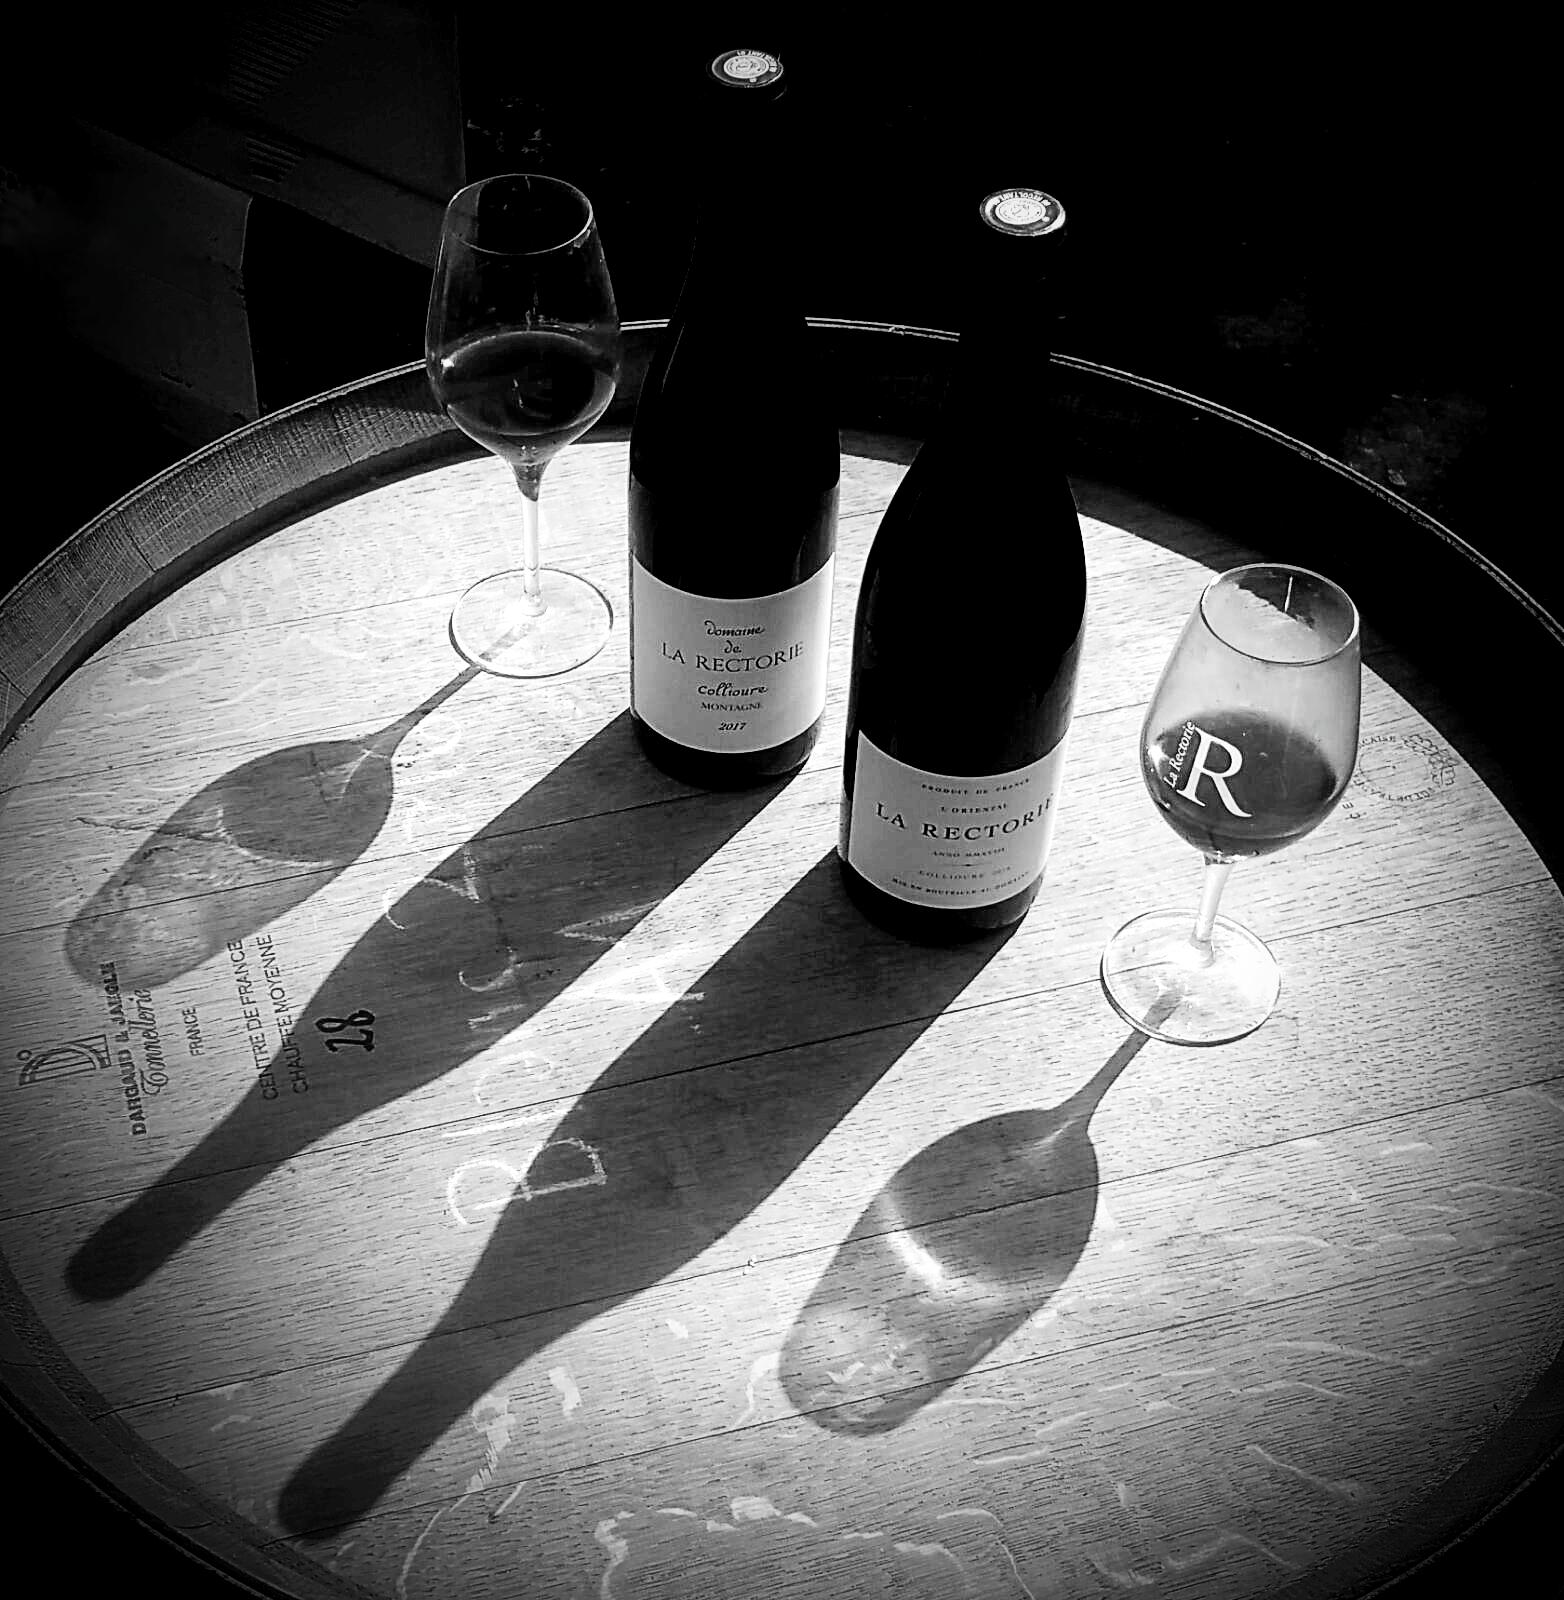 Vente et dégustation de vins de Collioure et Banyuls